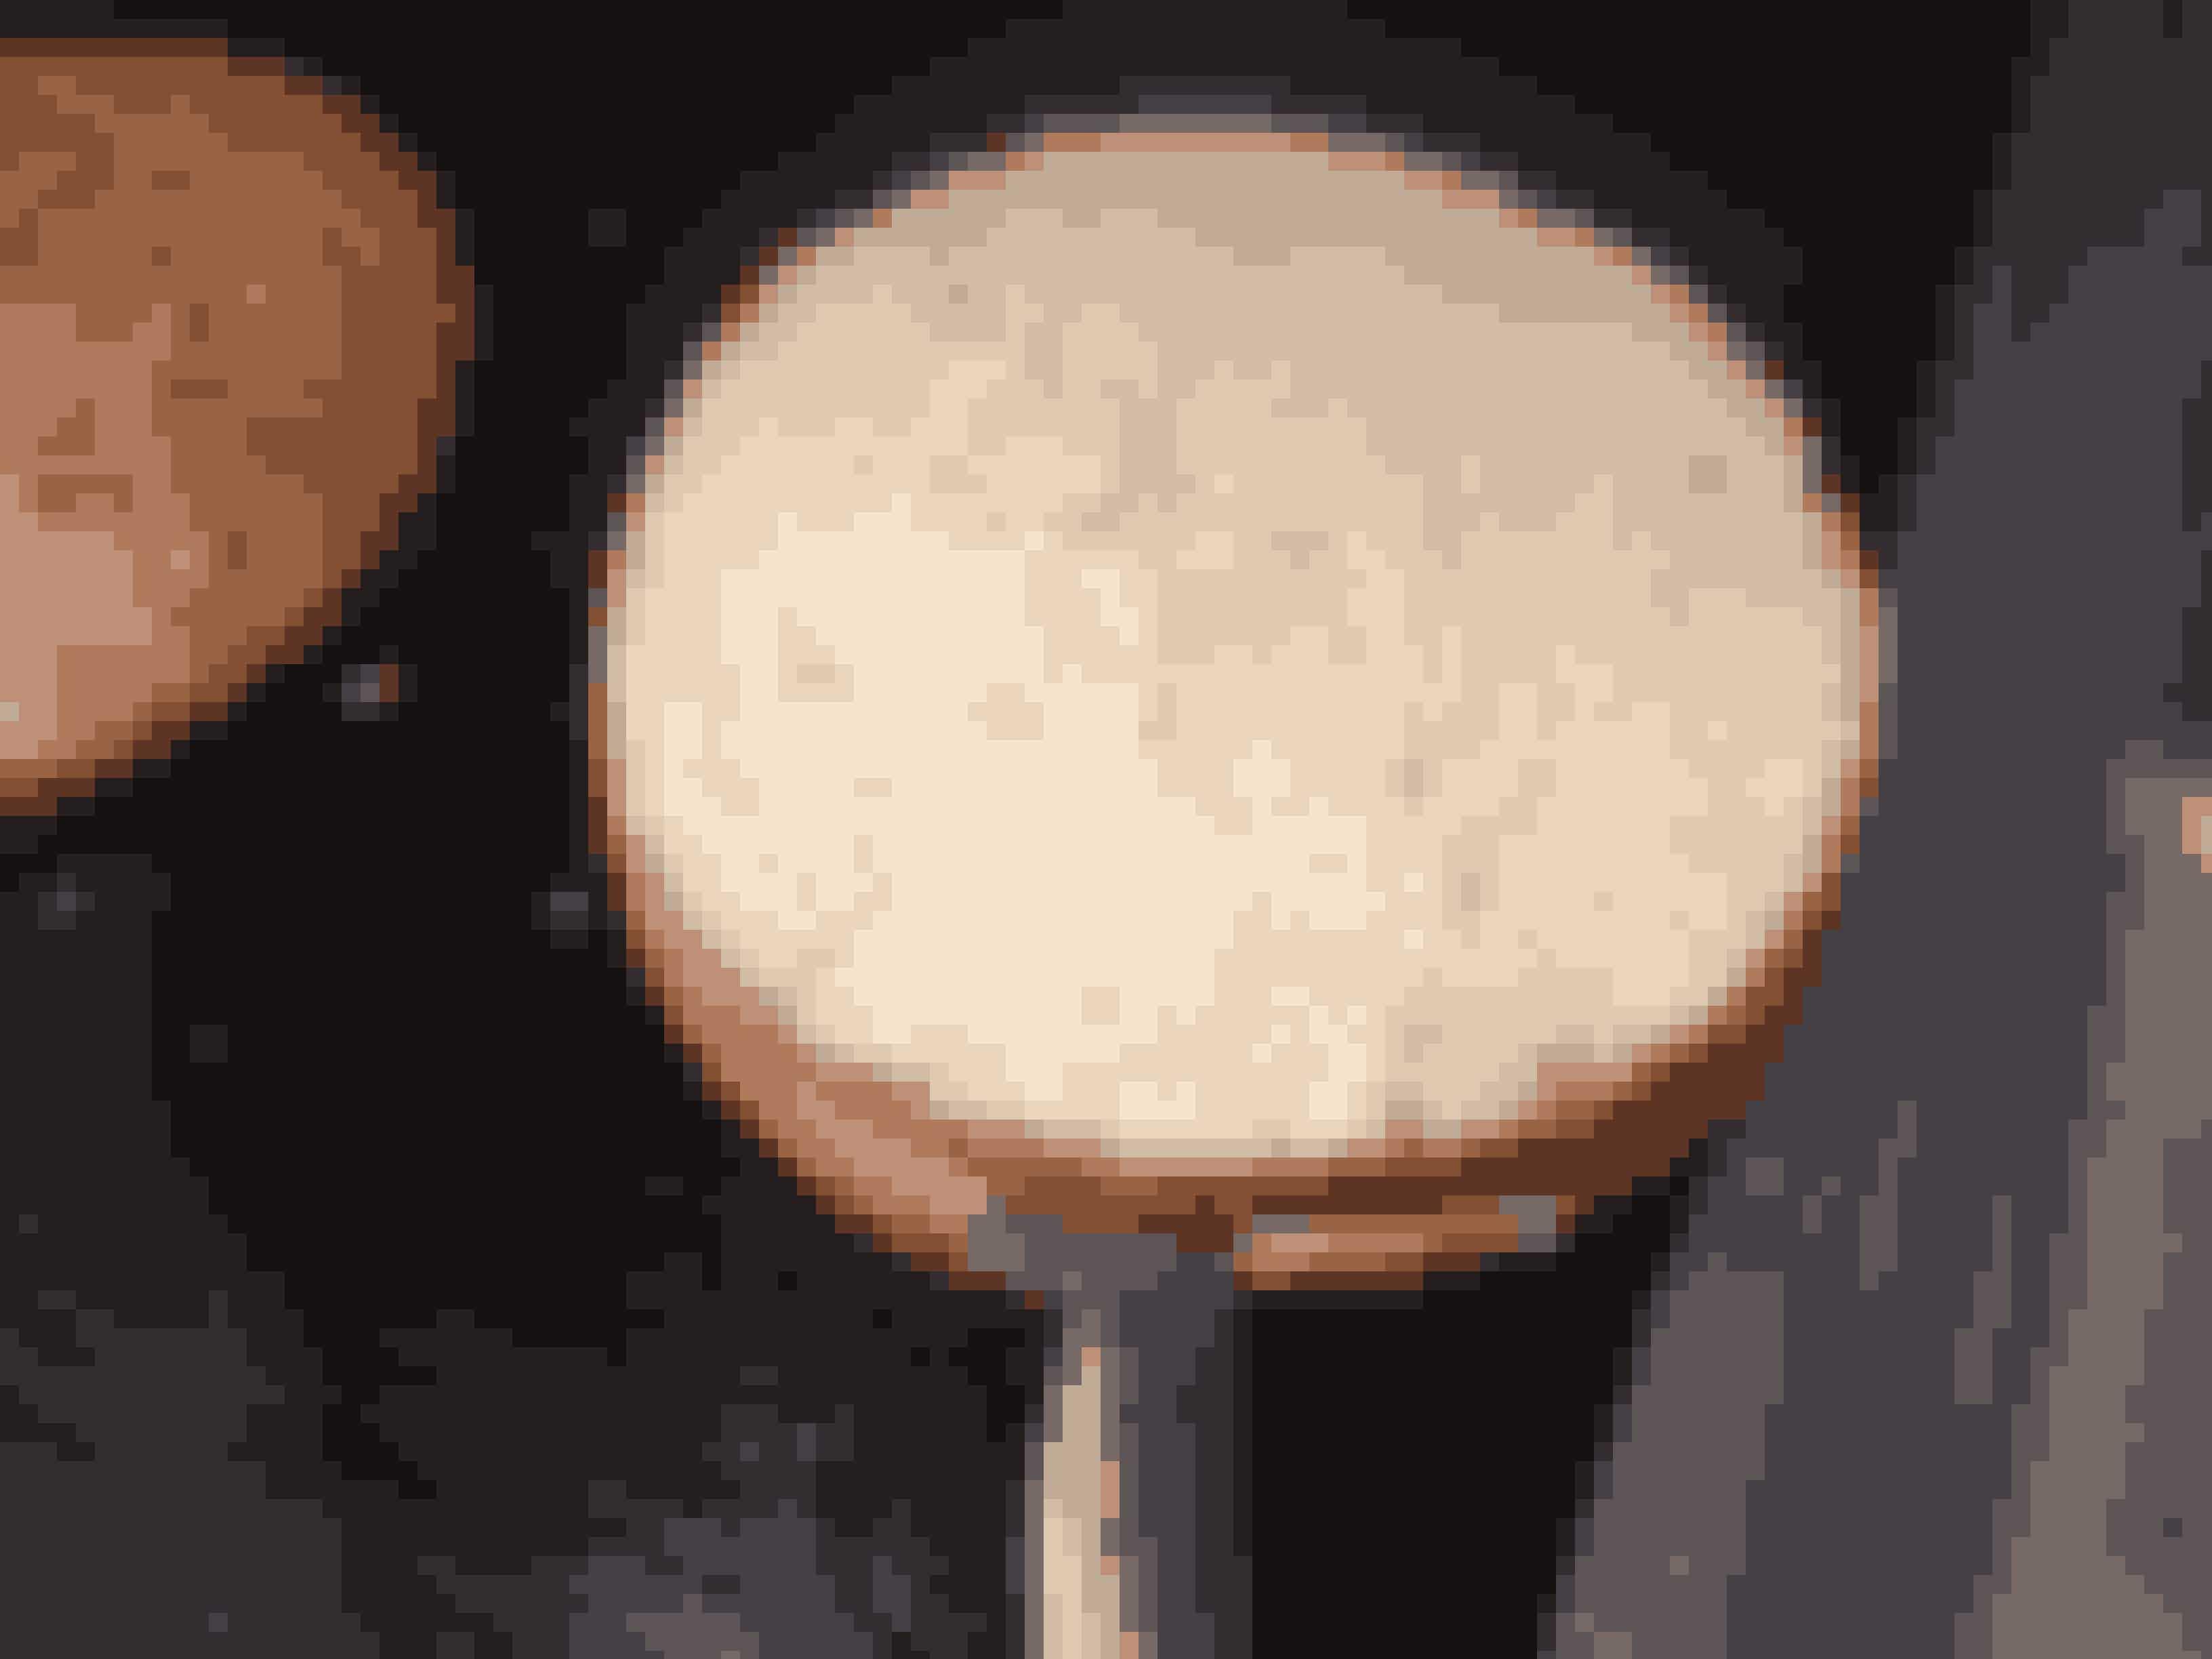 Trin for trinDu kan godt lave en smuk lagkage på én dag, men det er bedst, hvis du laver kagen over tre dage.På dag ét eller om formiddagen bager du lagkagebundene. Lav én kage, som deles i tre. Lad den afkøle i 10 minutter og opbevar den i en plasticpose, så den ikke bliver tør.Alternativt kan du købe færdiglavet lagkagebunde.Lyse lagkagebunde4 æg200 g. sukker200 g mel½ tsk. BagepulverPisk æg og sukker til en luftig masse. Pisk herefter mel og bagepulver i æggemassen. Smør en springform på Ø25. Hæld dejen over i. Bages på 200 grader, til den er gylden - ca. ½ time.Disse lagkageforme hjælper dig med at få ensartede bunde >>